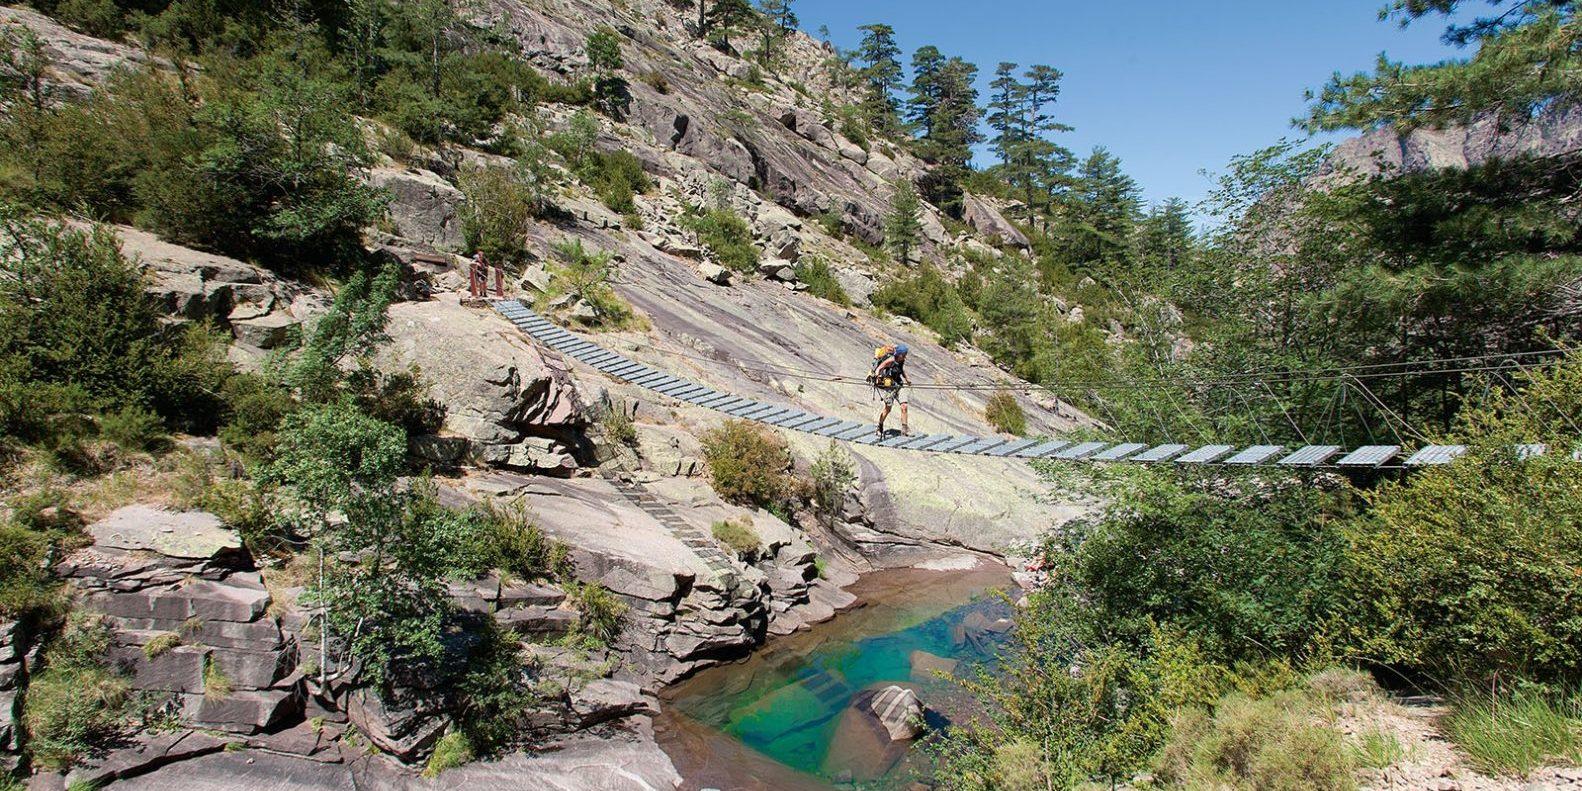 GR20 Corsica Frankrijk loopbrug hangbrug bergen water kloof man wandelaar